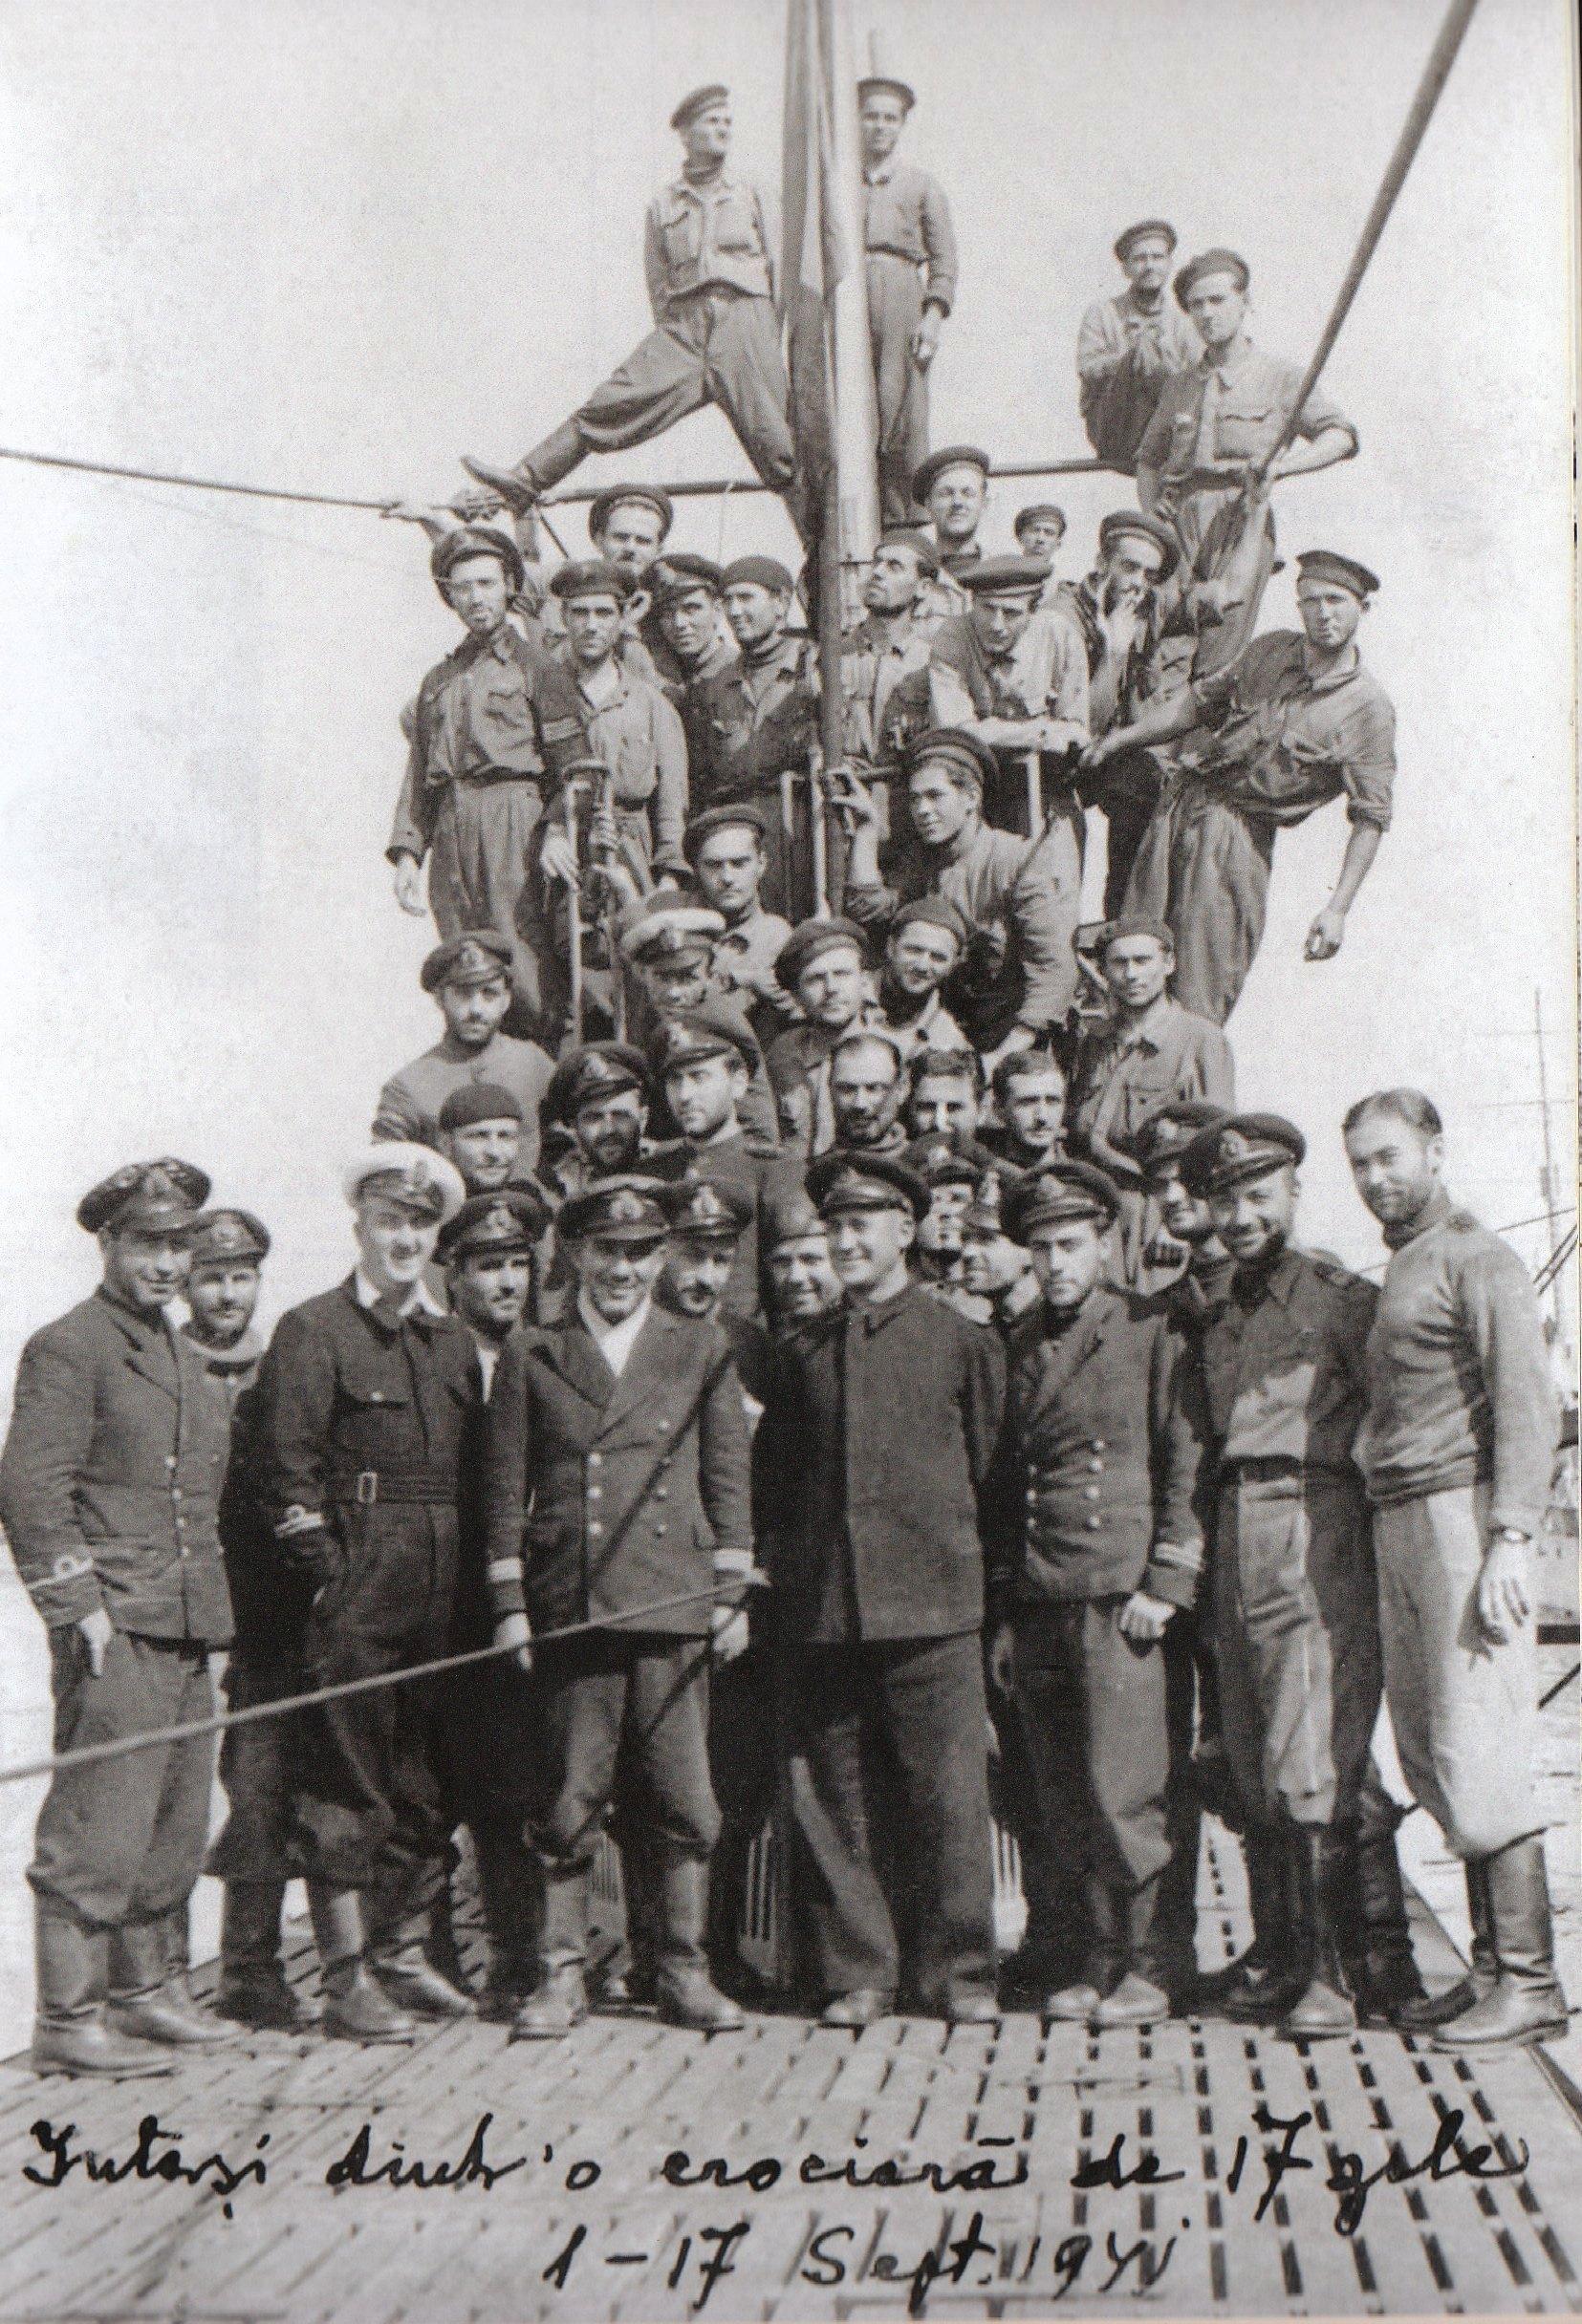 """Echipajul submarinului """"Delfinul"""", revenit dintr-o crucieră de 17 zile (1 - 17 septembrie 1941)."""